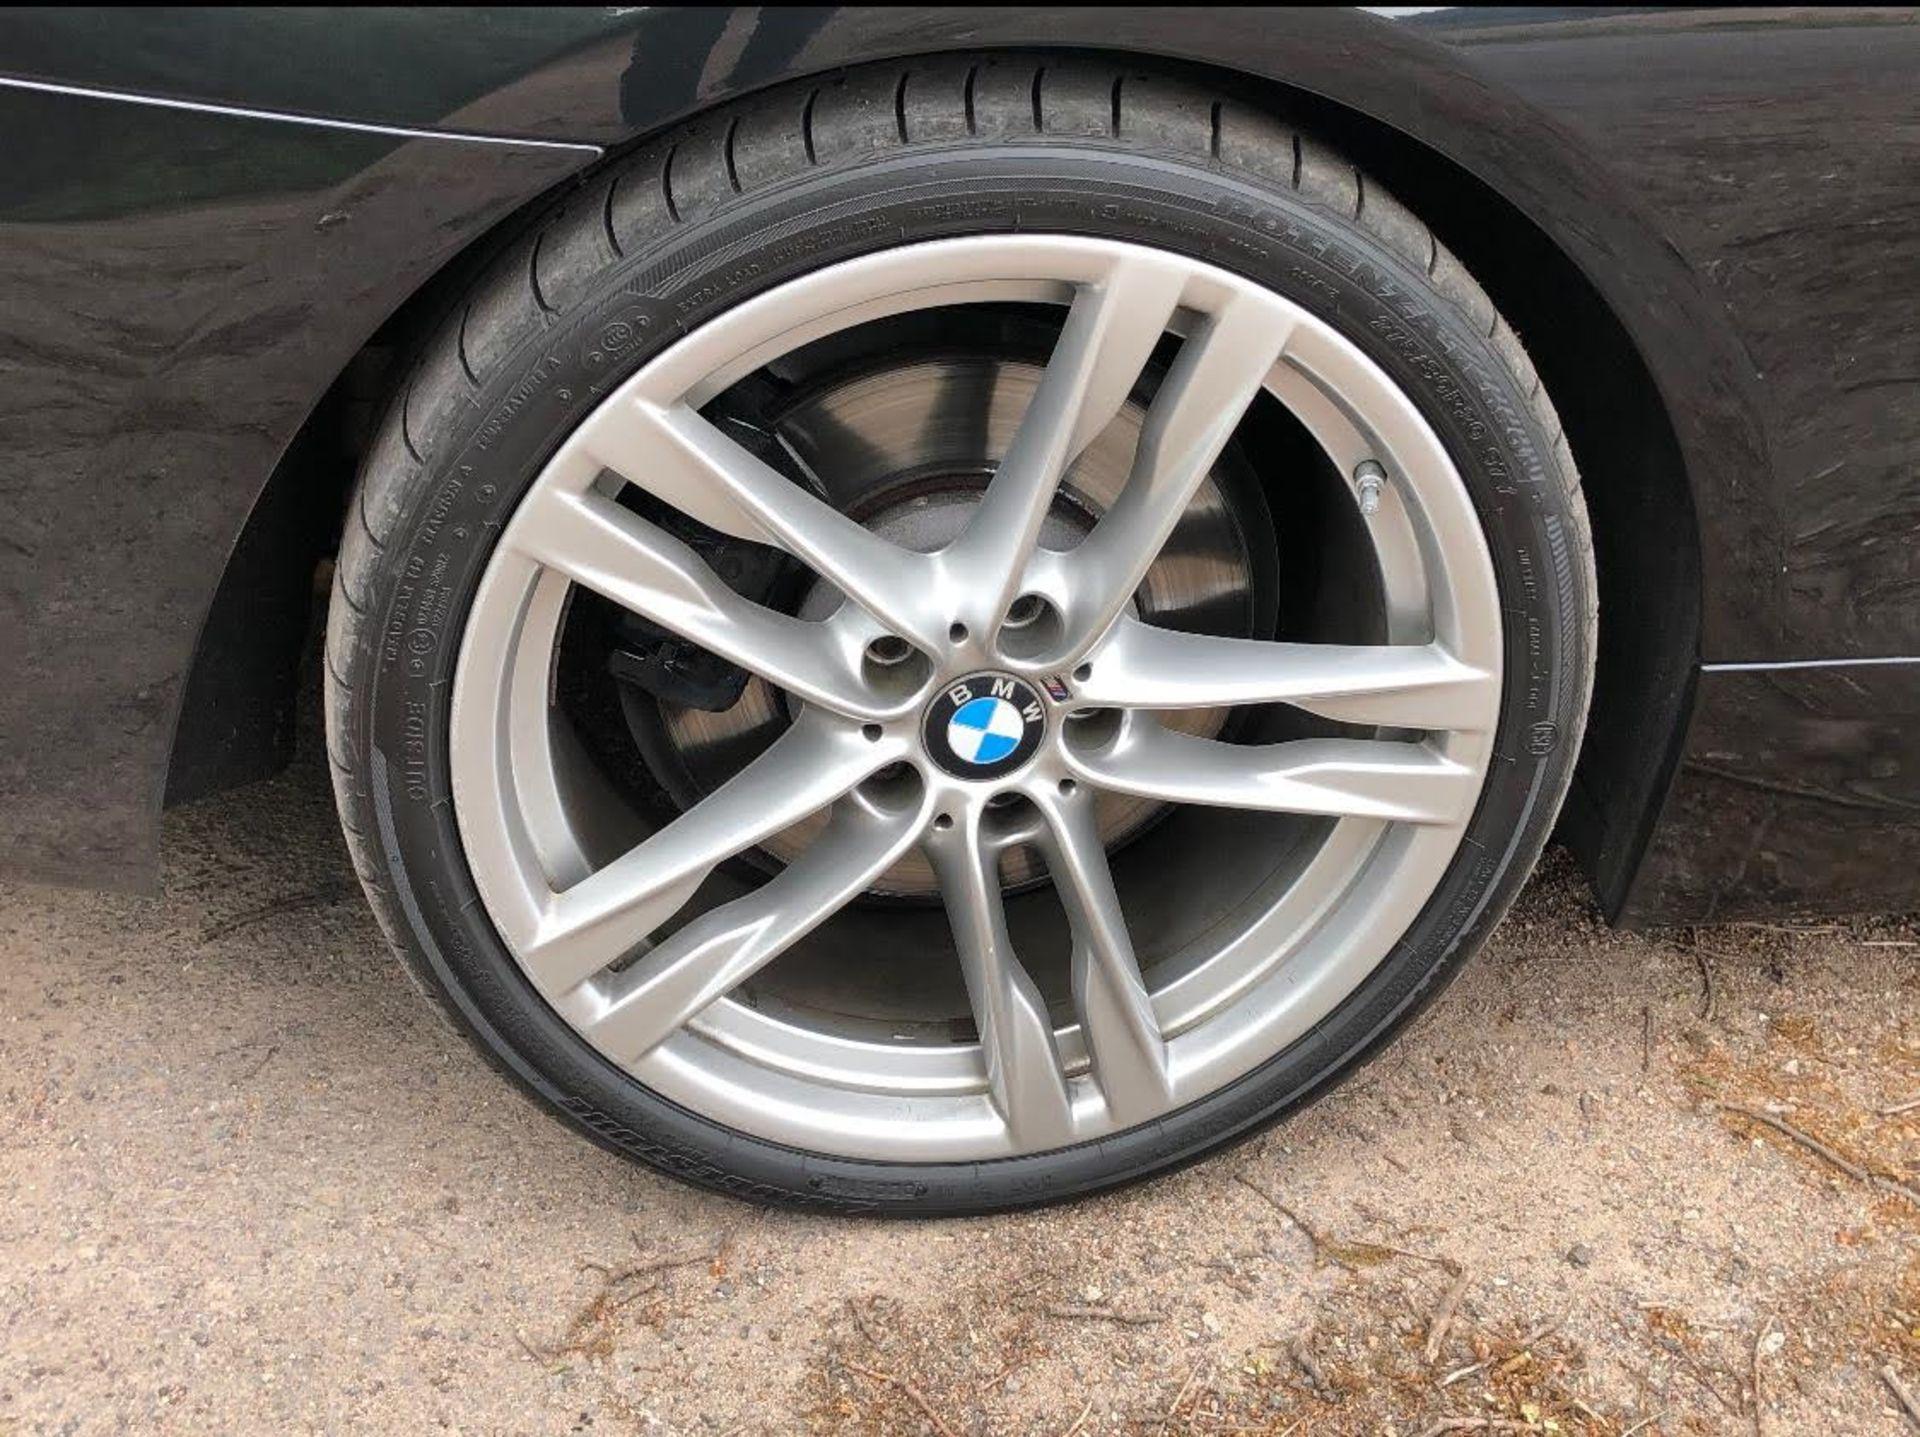 2014/14 REG BMW 640D M SPORT AUTOMATIC 3.0 DIESEL BLACK CONVERTIBLE *NO VAT* - Image 8 of 17